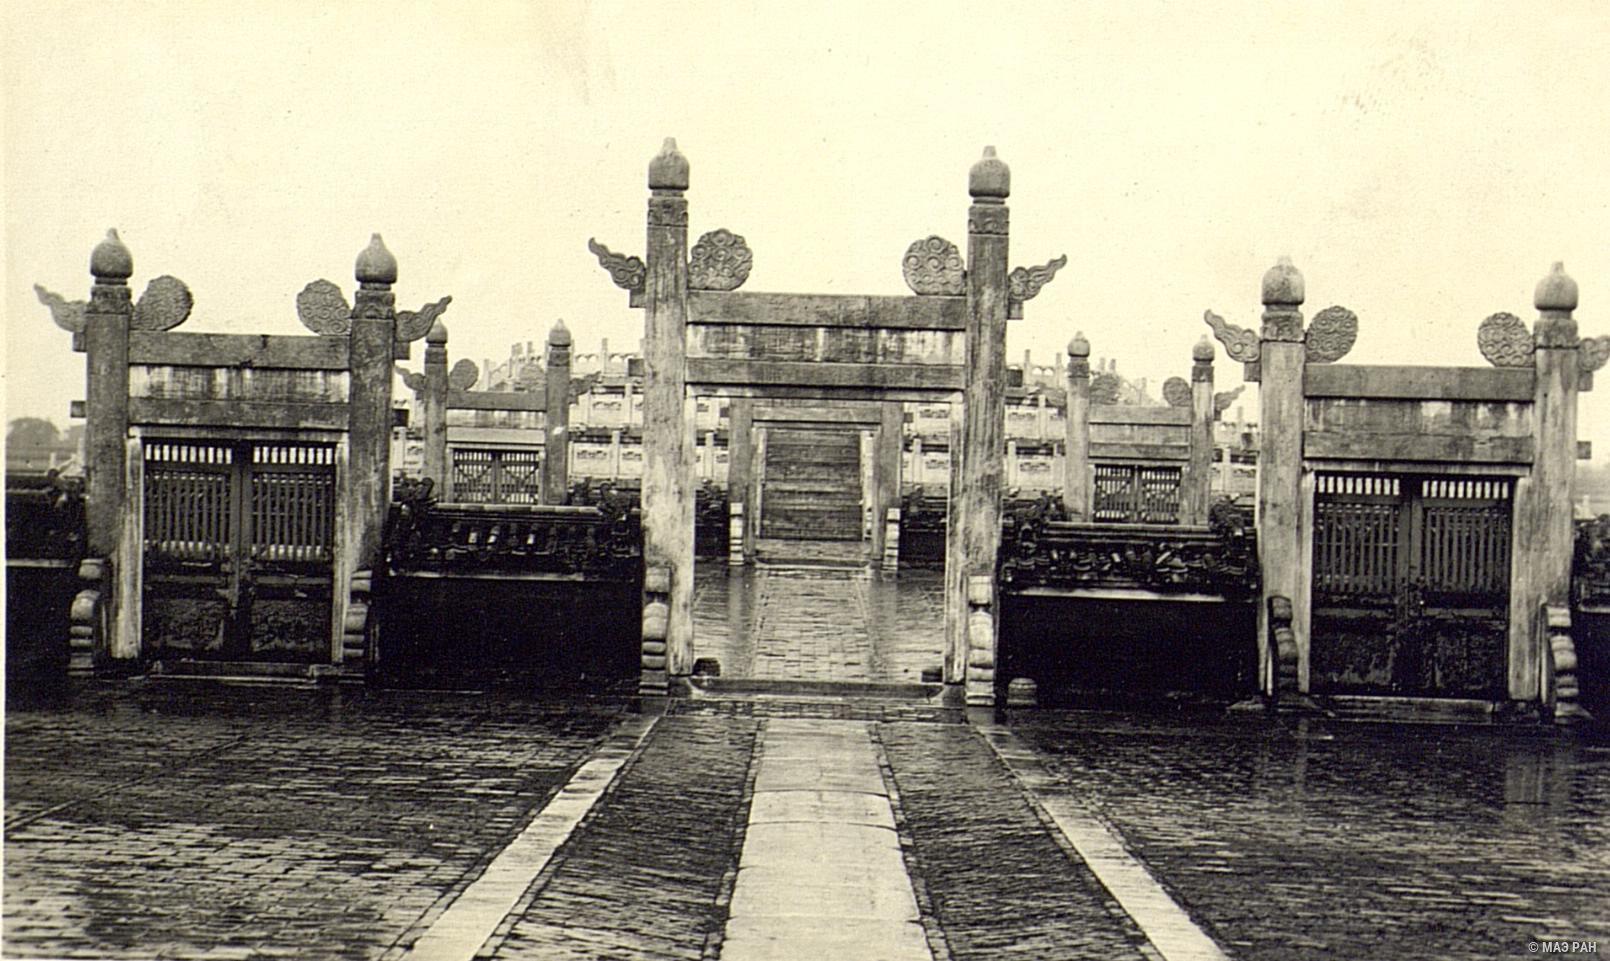 Храм Неба. Вид от павильонов к алтарю